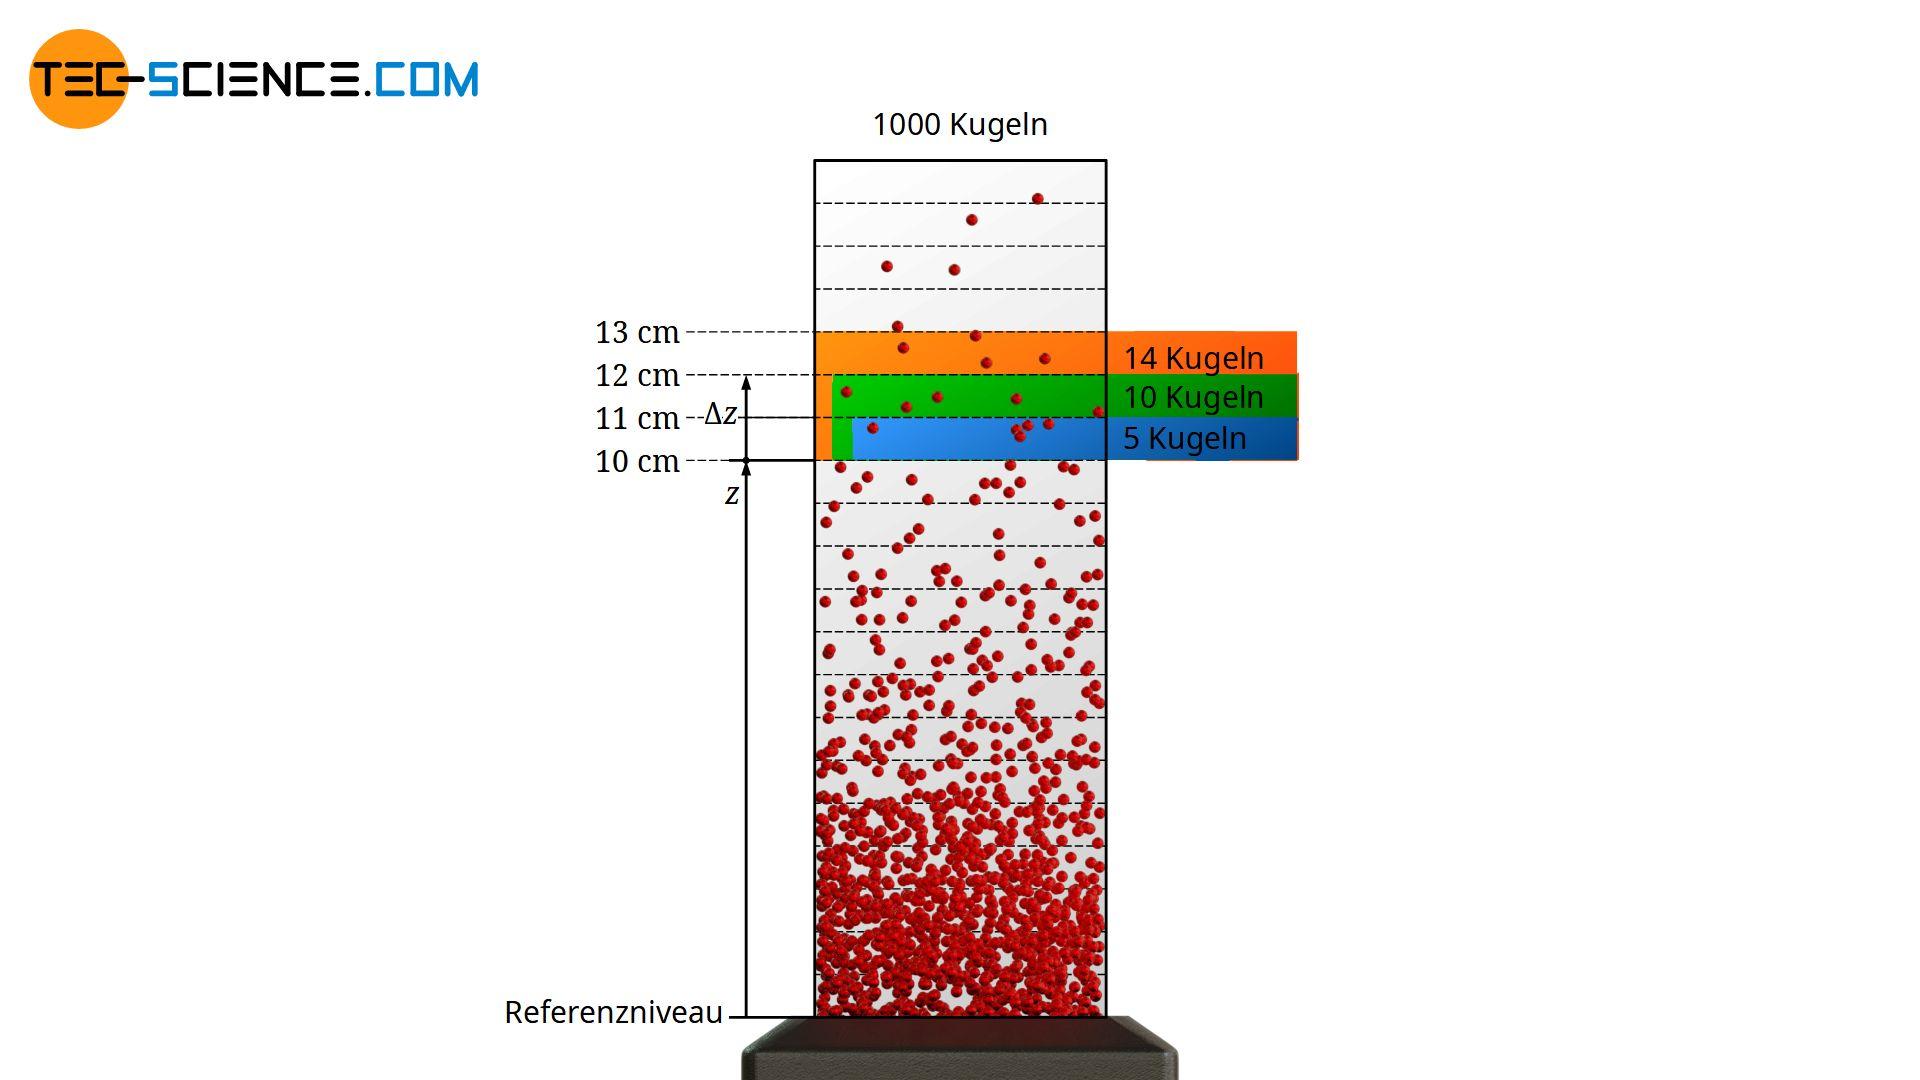 Proportionalität zwischen Kugelanzahl und Höhenintervall